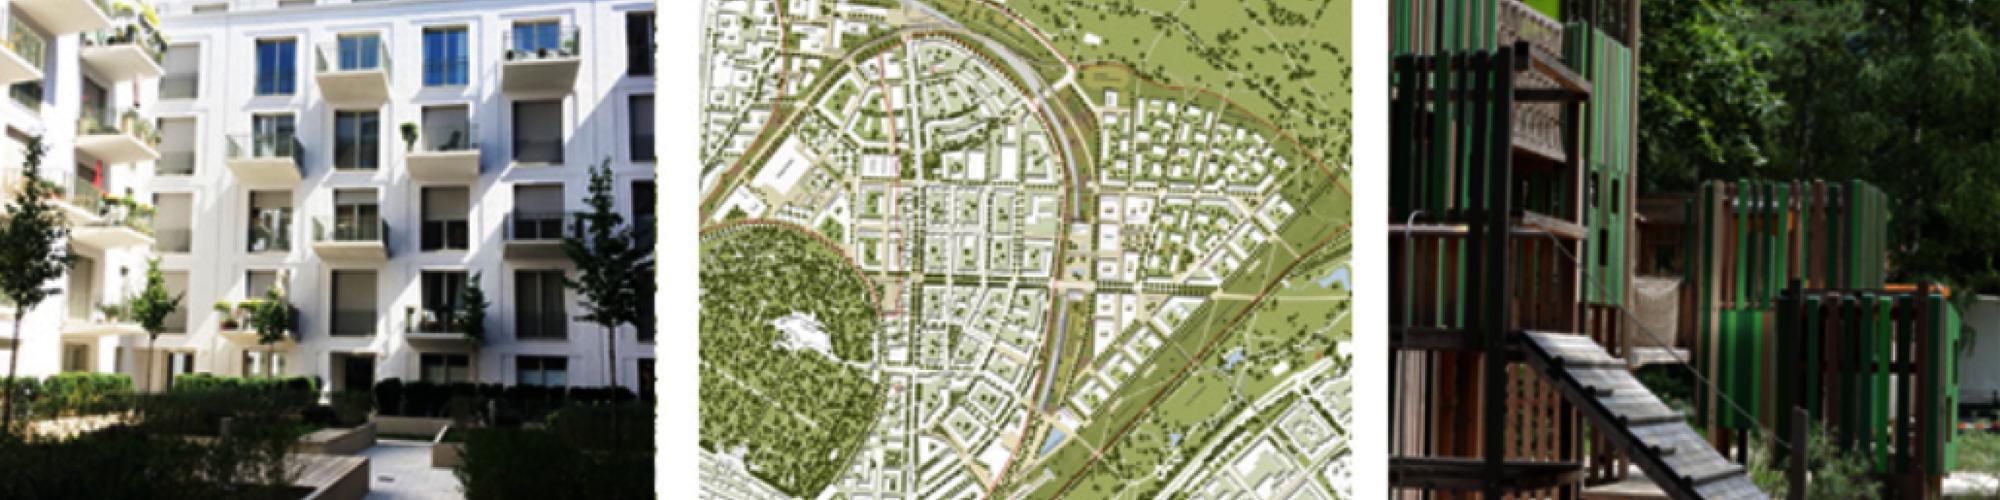 COQUI MALACHOWSKA COQUI Städtebau Landschaftsarchitektur